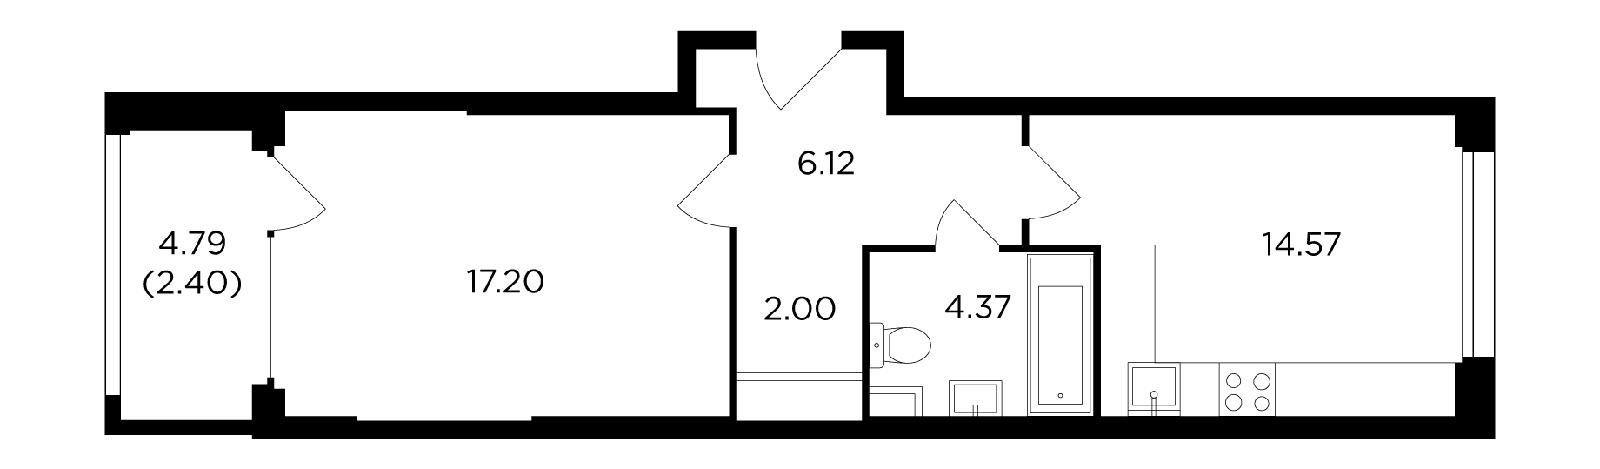 Продаётся 1-комнатная квартира в новостройке 46.6 кв.м. этаж 15/21 за 18 440 989 руб